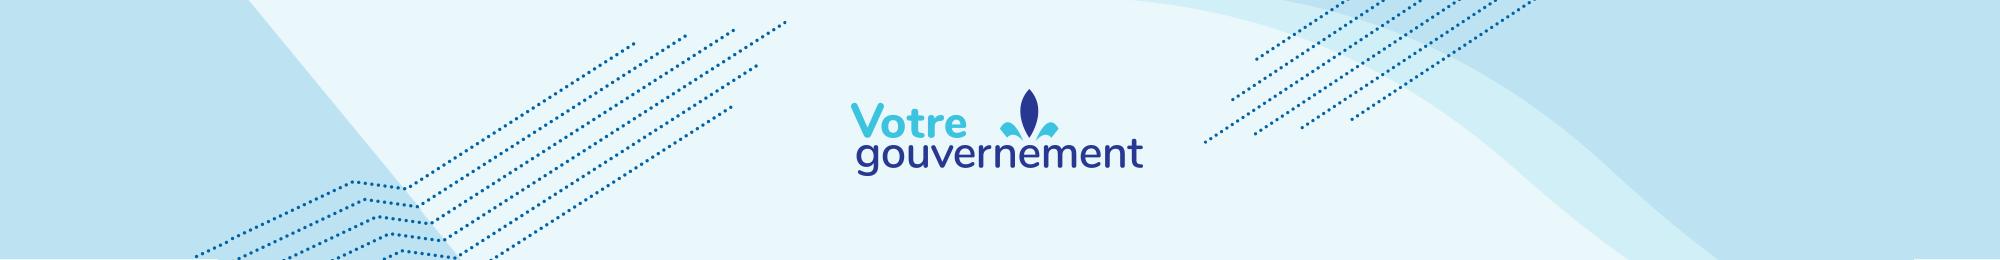 Votre gouvernement : budget 2019-2020